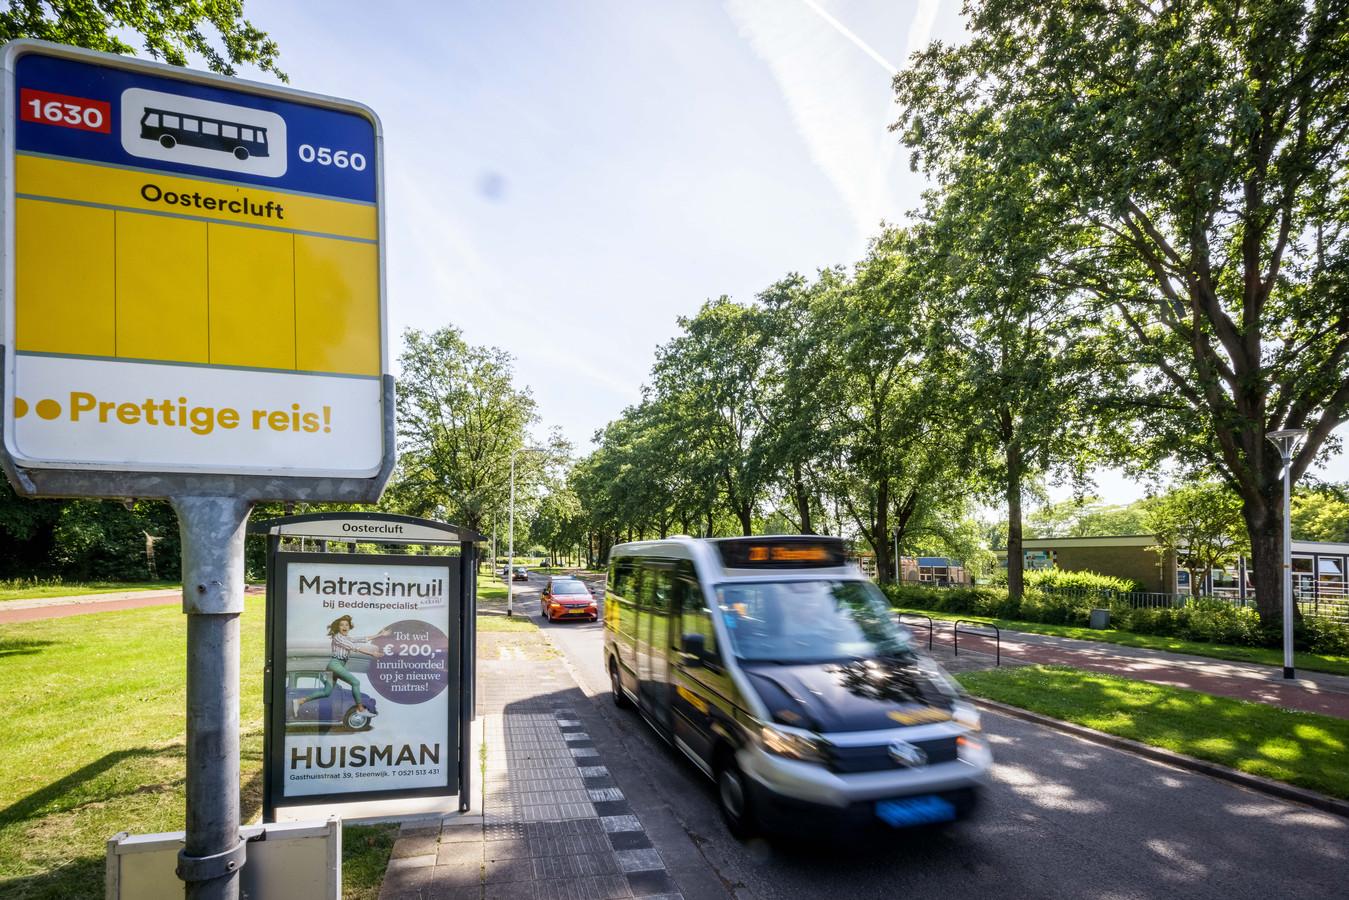 De halte Oostercluft in de wijk Oostermeenthe was één van de haltes die op de nominatie stond om te verdwijnen: dat gaat in elk geval volgend jaar nog niet gebeuren.